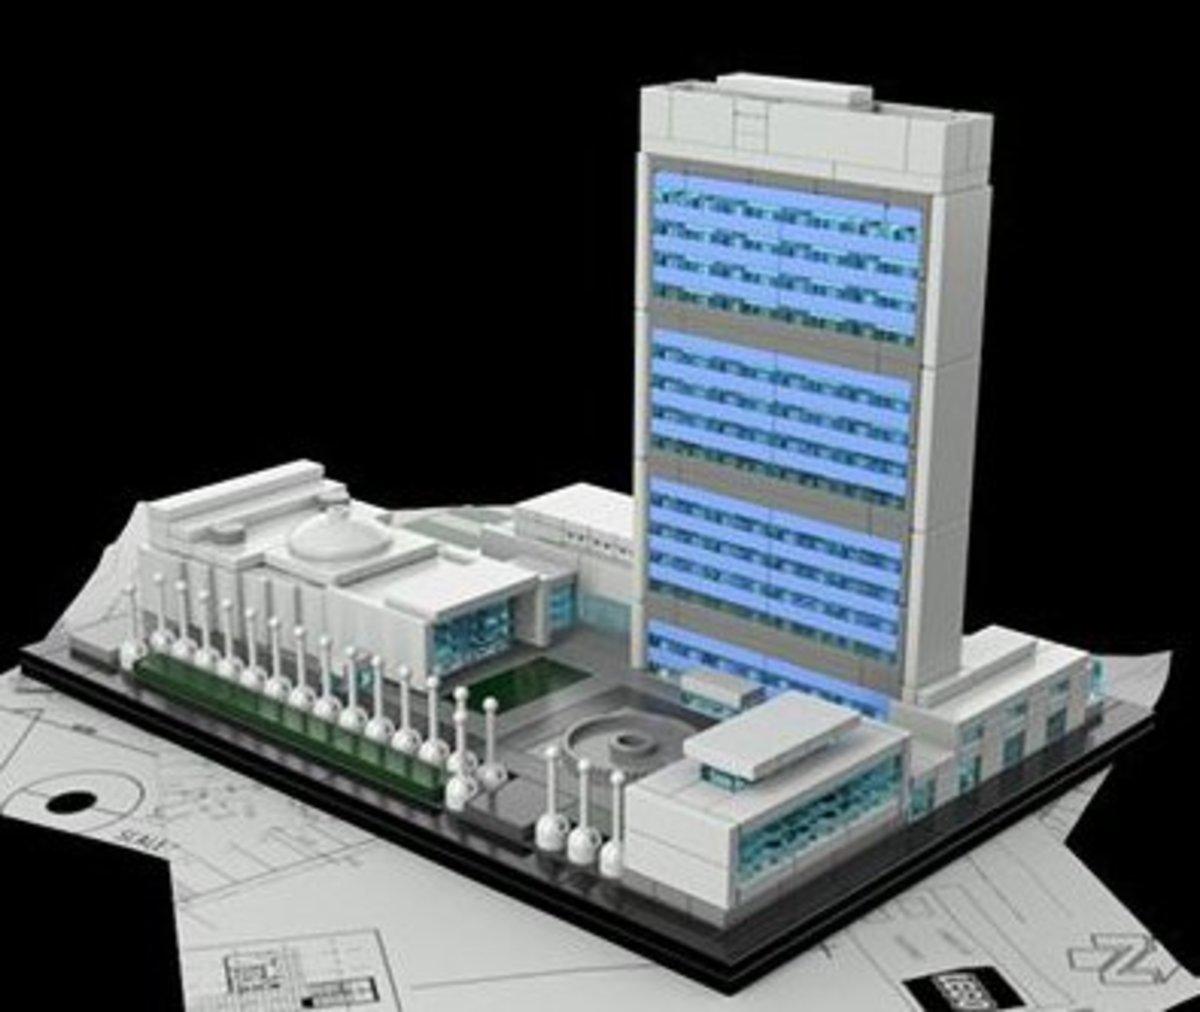 Lego UN Building